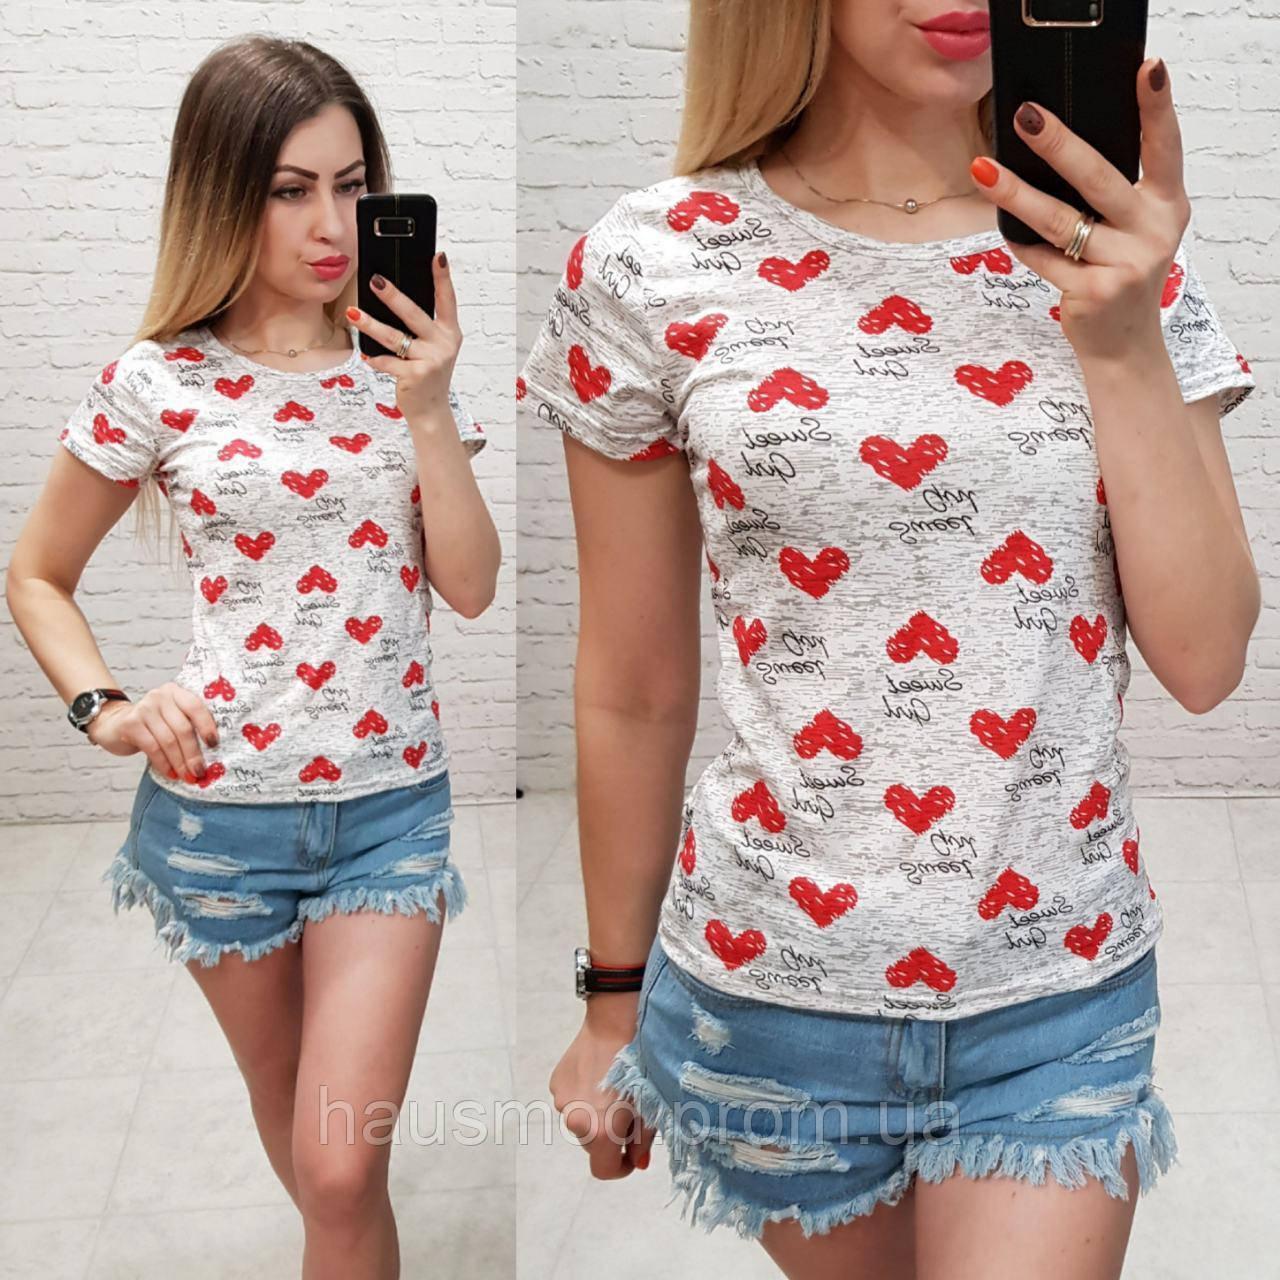 Женская футболка летняя Oversize one size качество турция размер универсал сублимация сердечка цвет серый